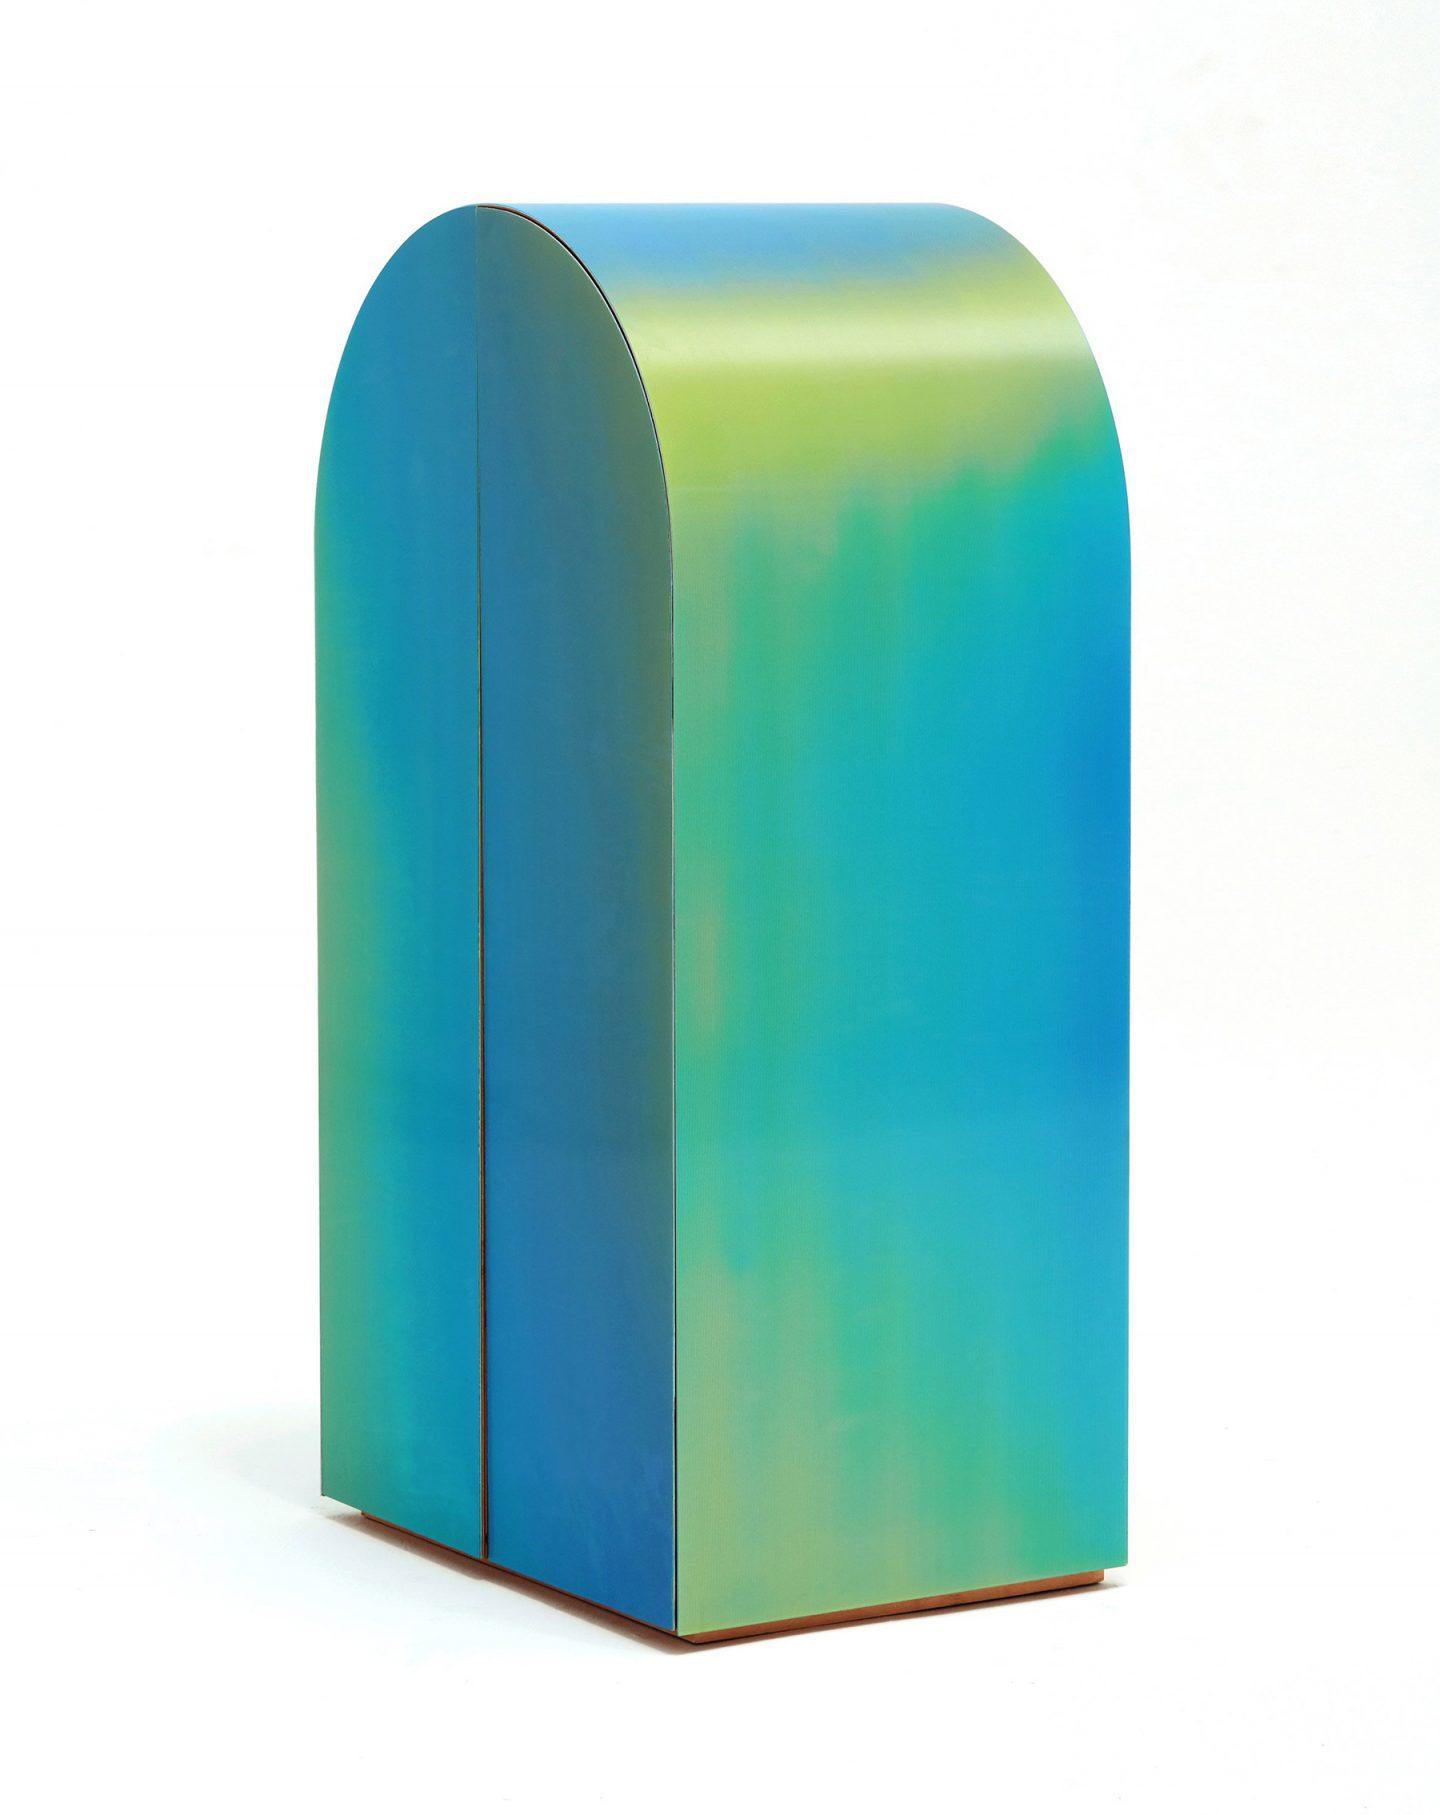 iGNANT-Design-Studio-Orijeen-Color-Flow-004